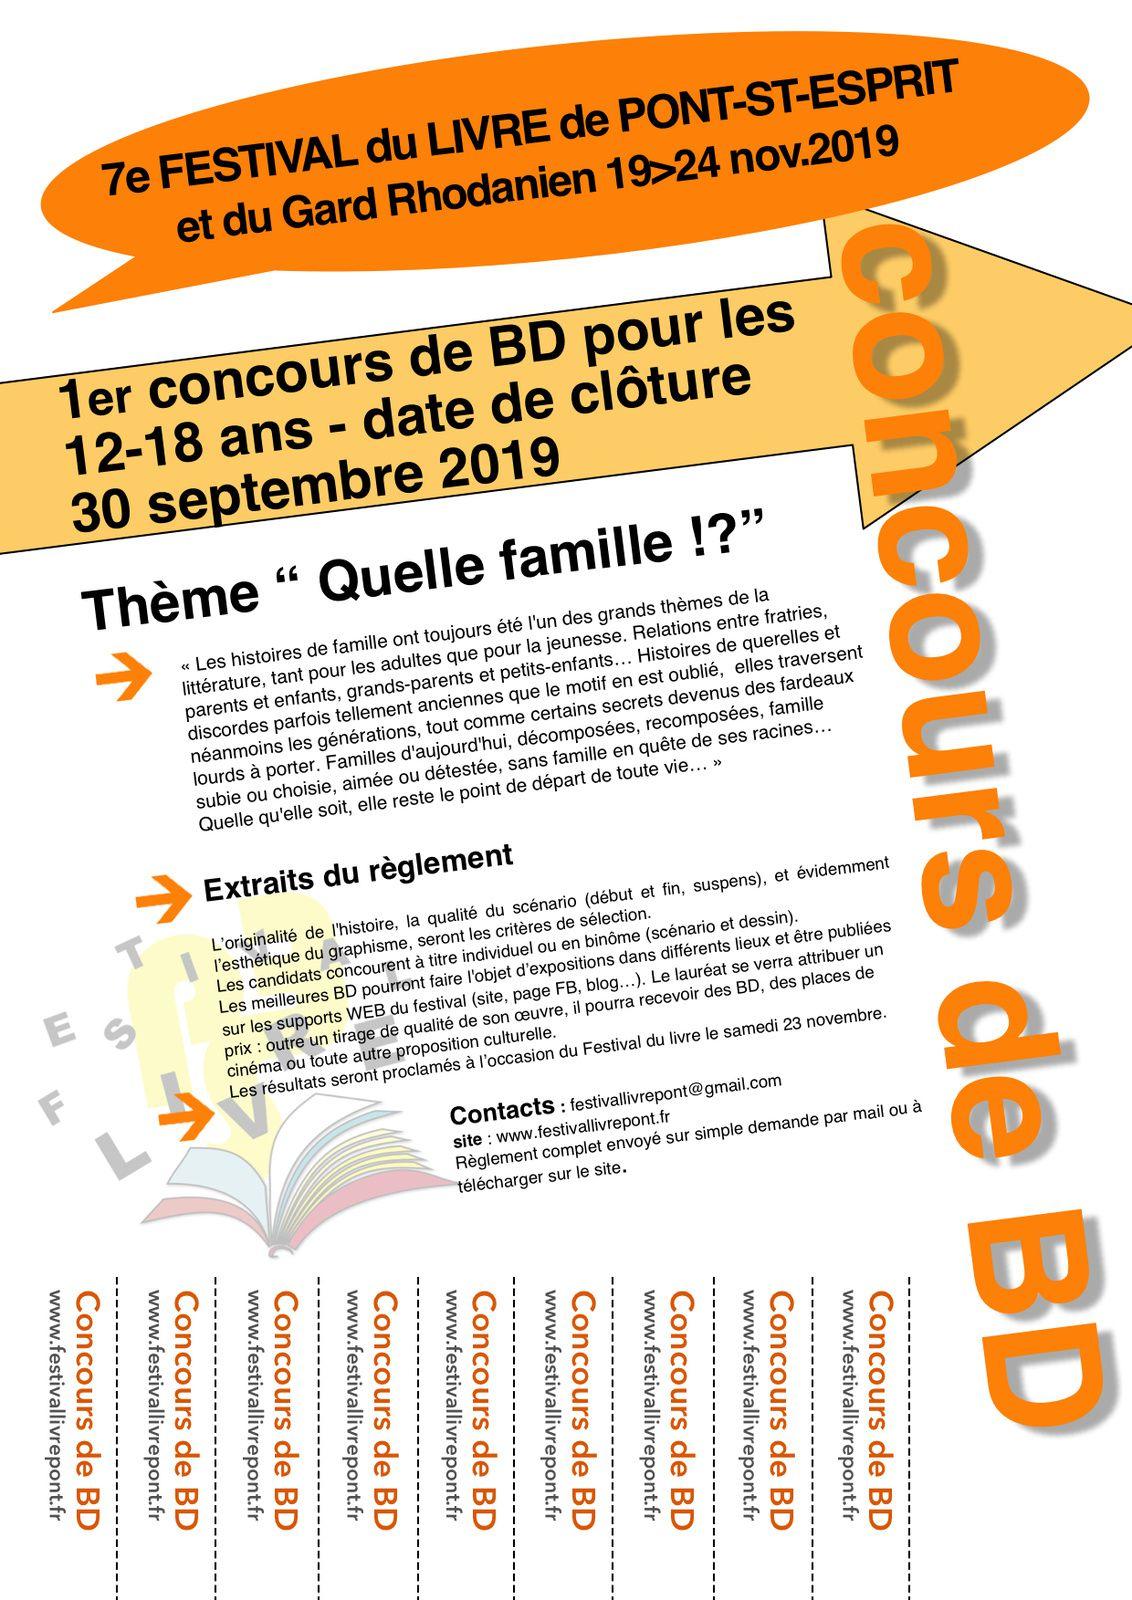 Festival du livre 2019 : lancement de deux concours !